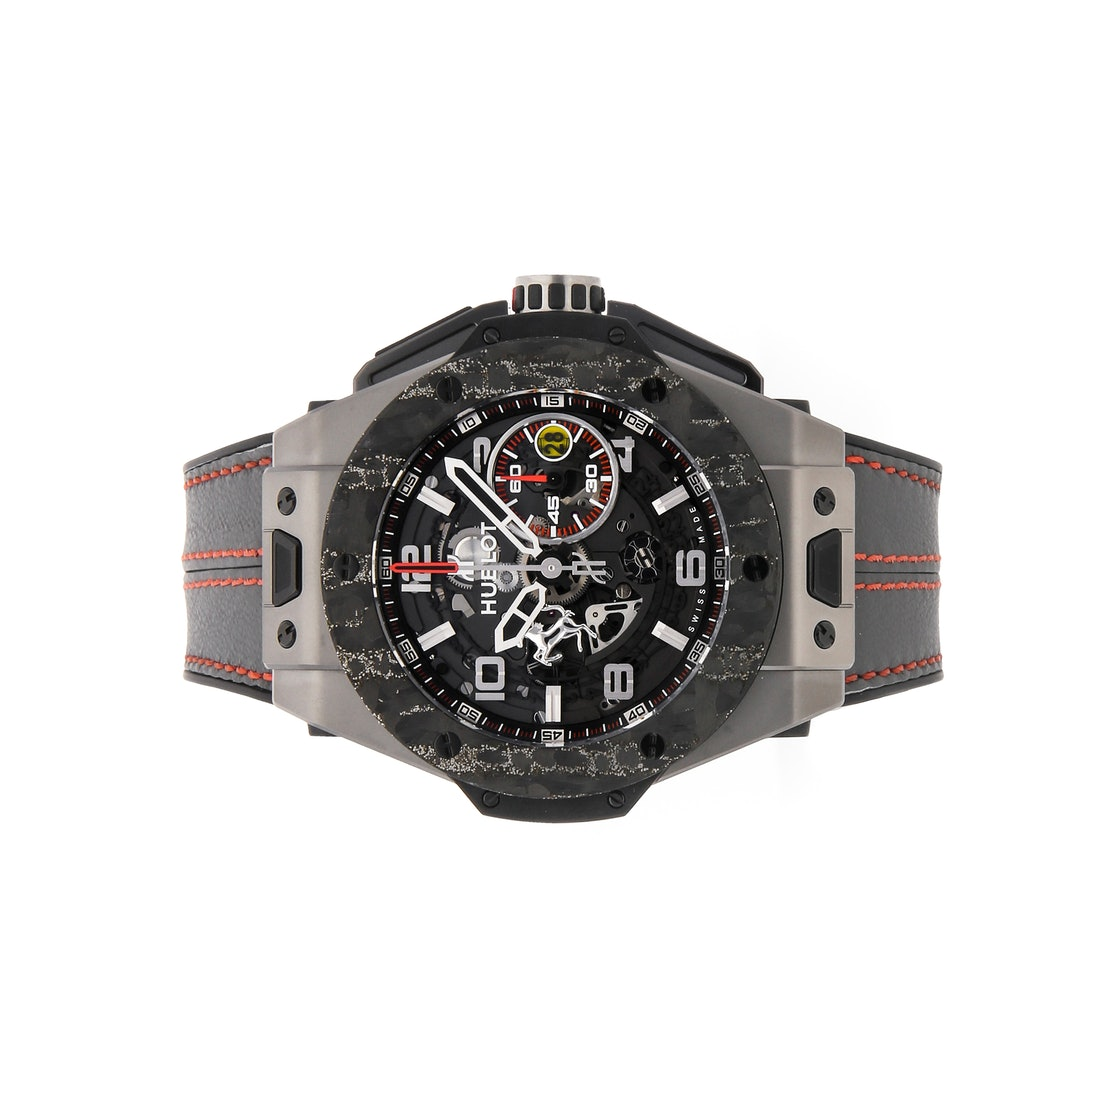 Hublot Big Bang Ferrari 401.NJ.0123.VR